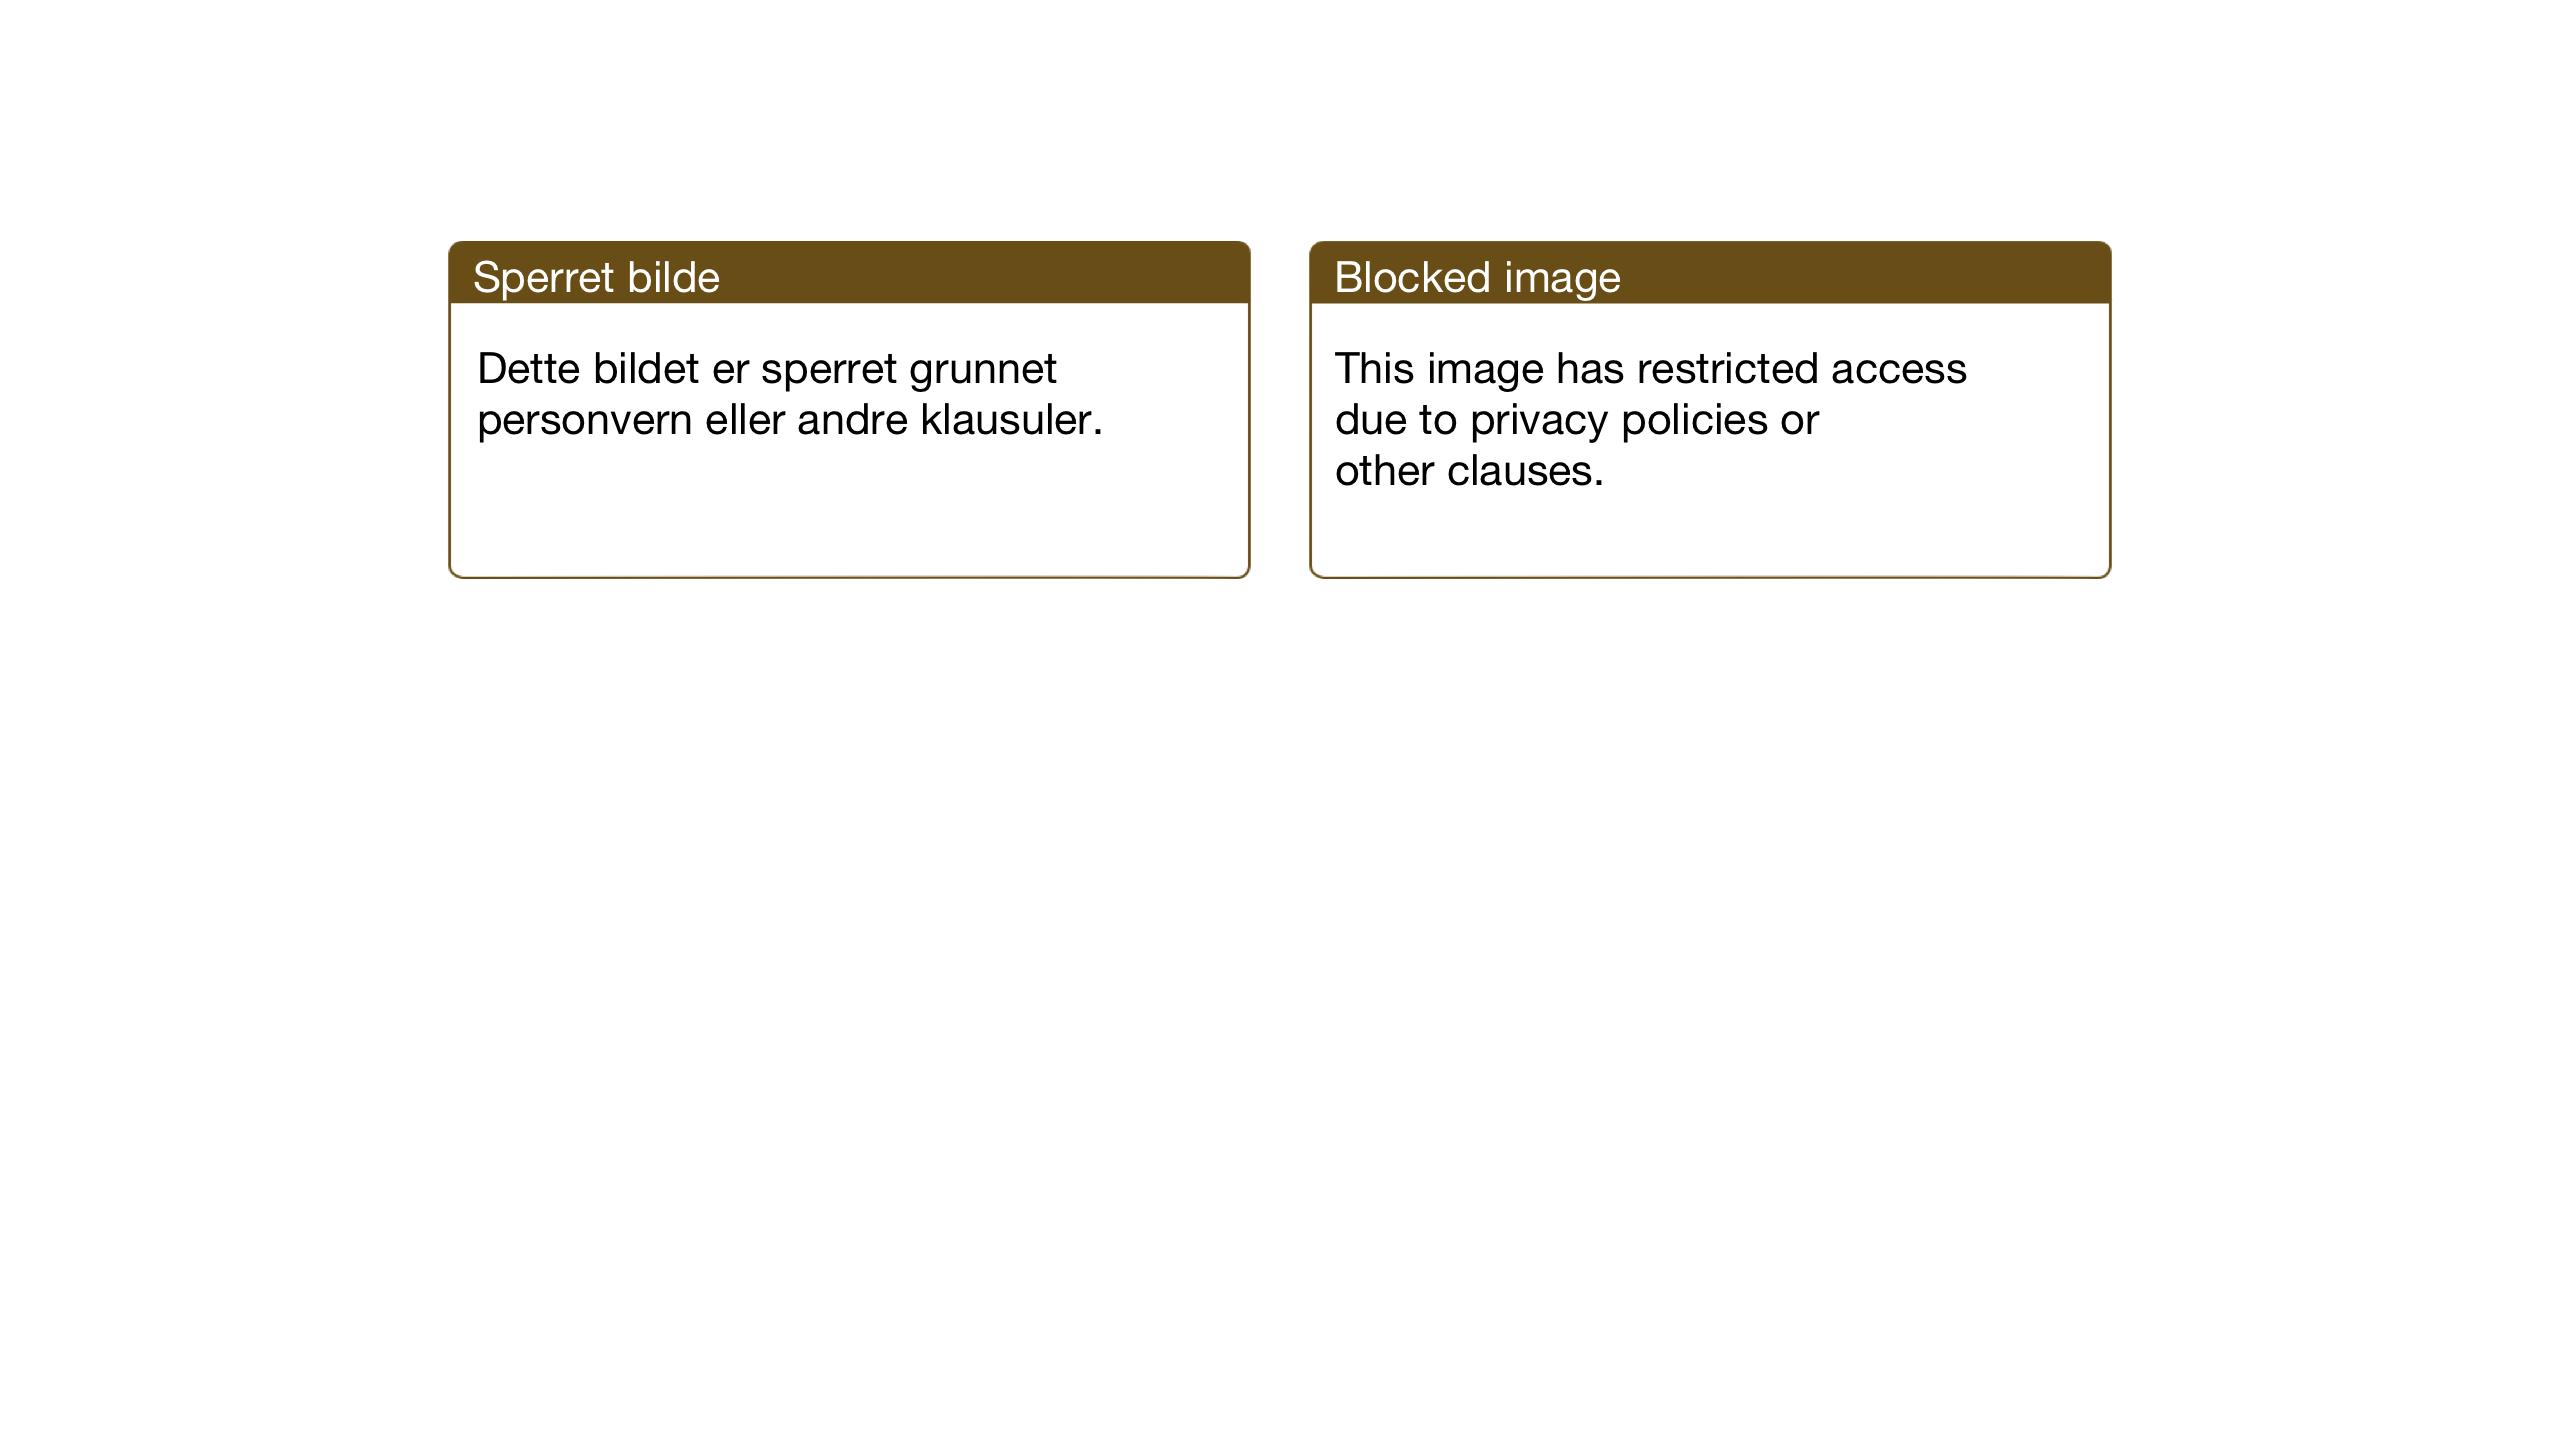 SAT, Ministerialprotokoller, klokkerbøker og fødselsregistre - Sør-Trøndelag, 653/L0658: Klokkerbok nr. 653C02, 1919-1947, s. 56